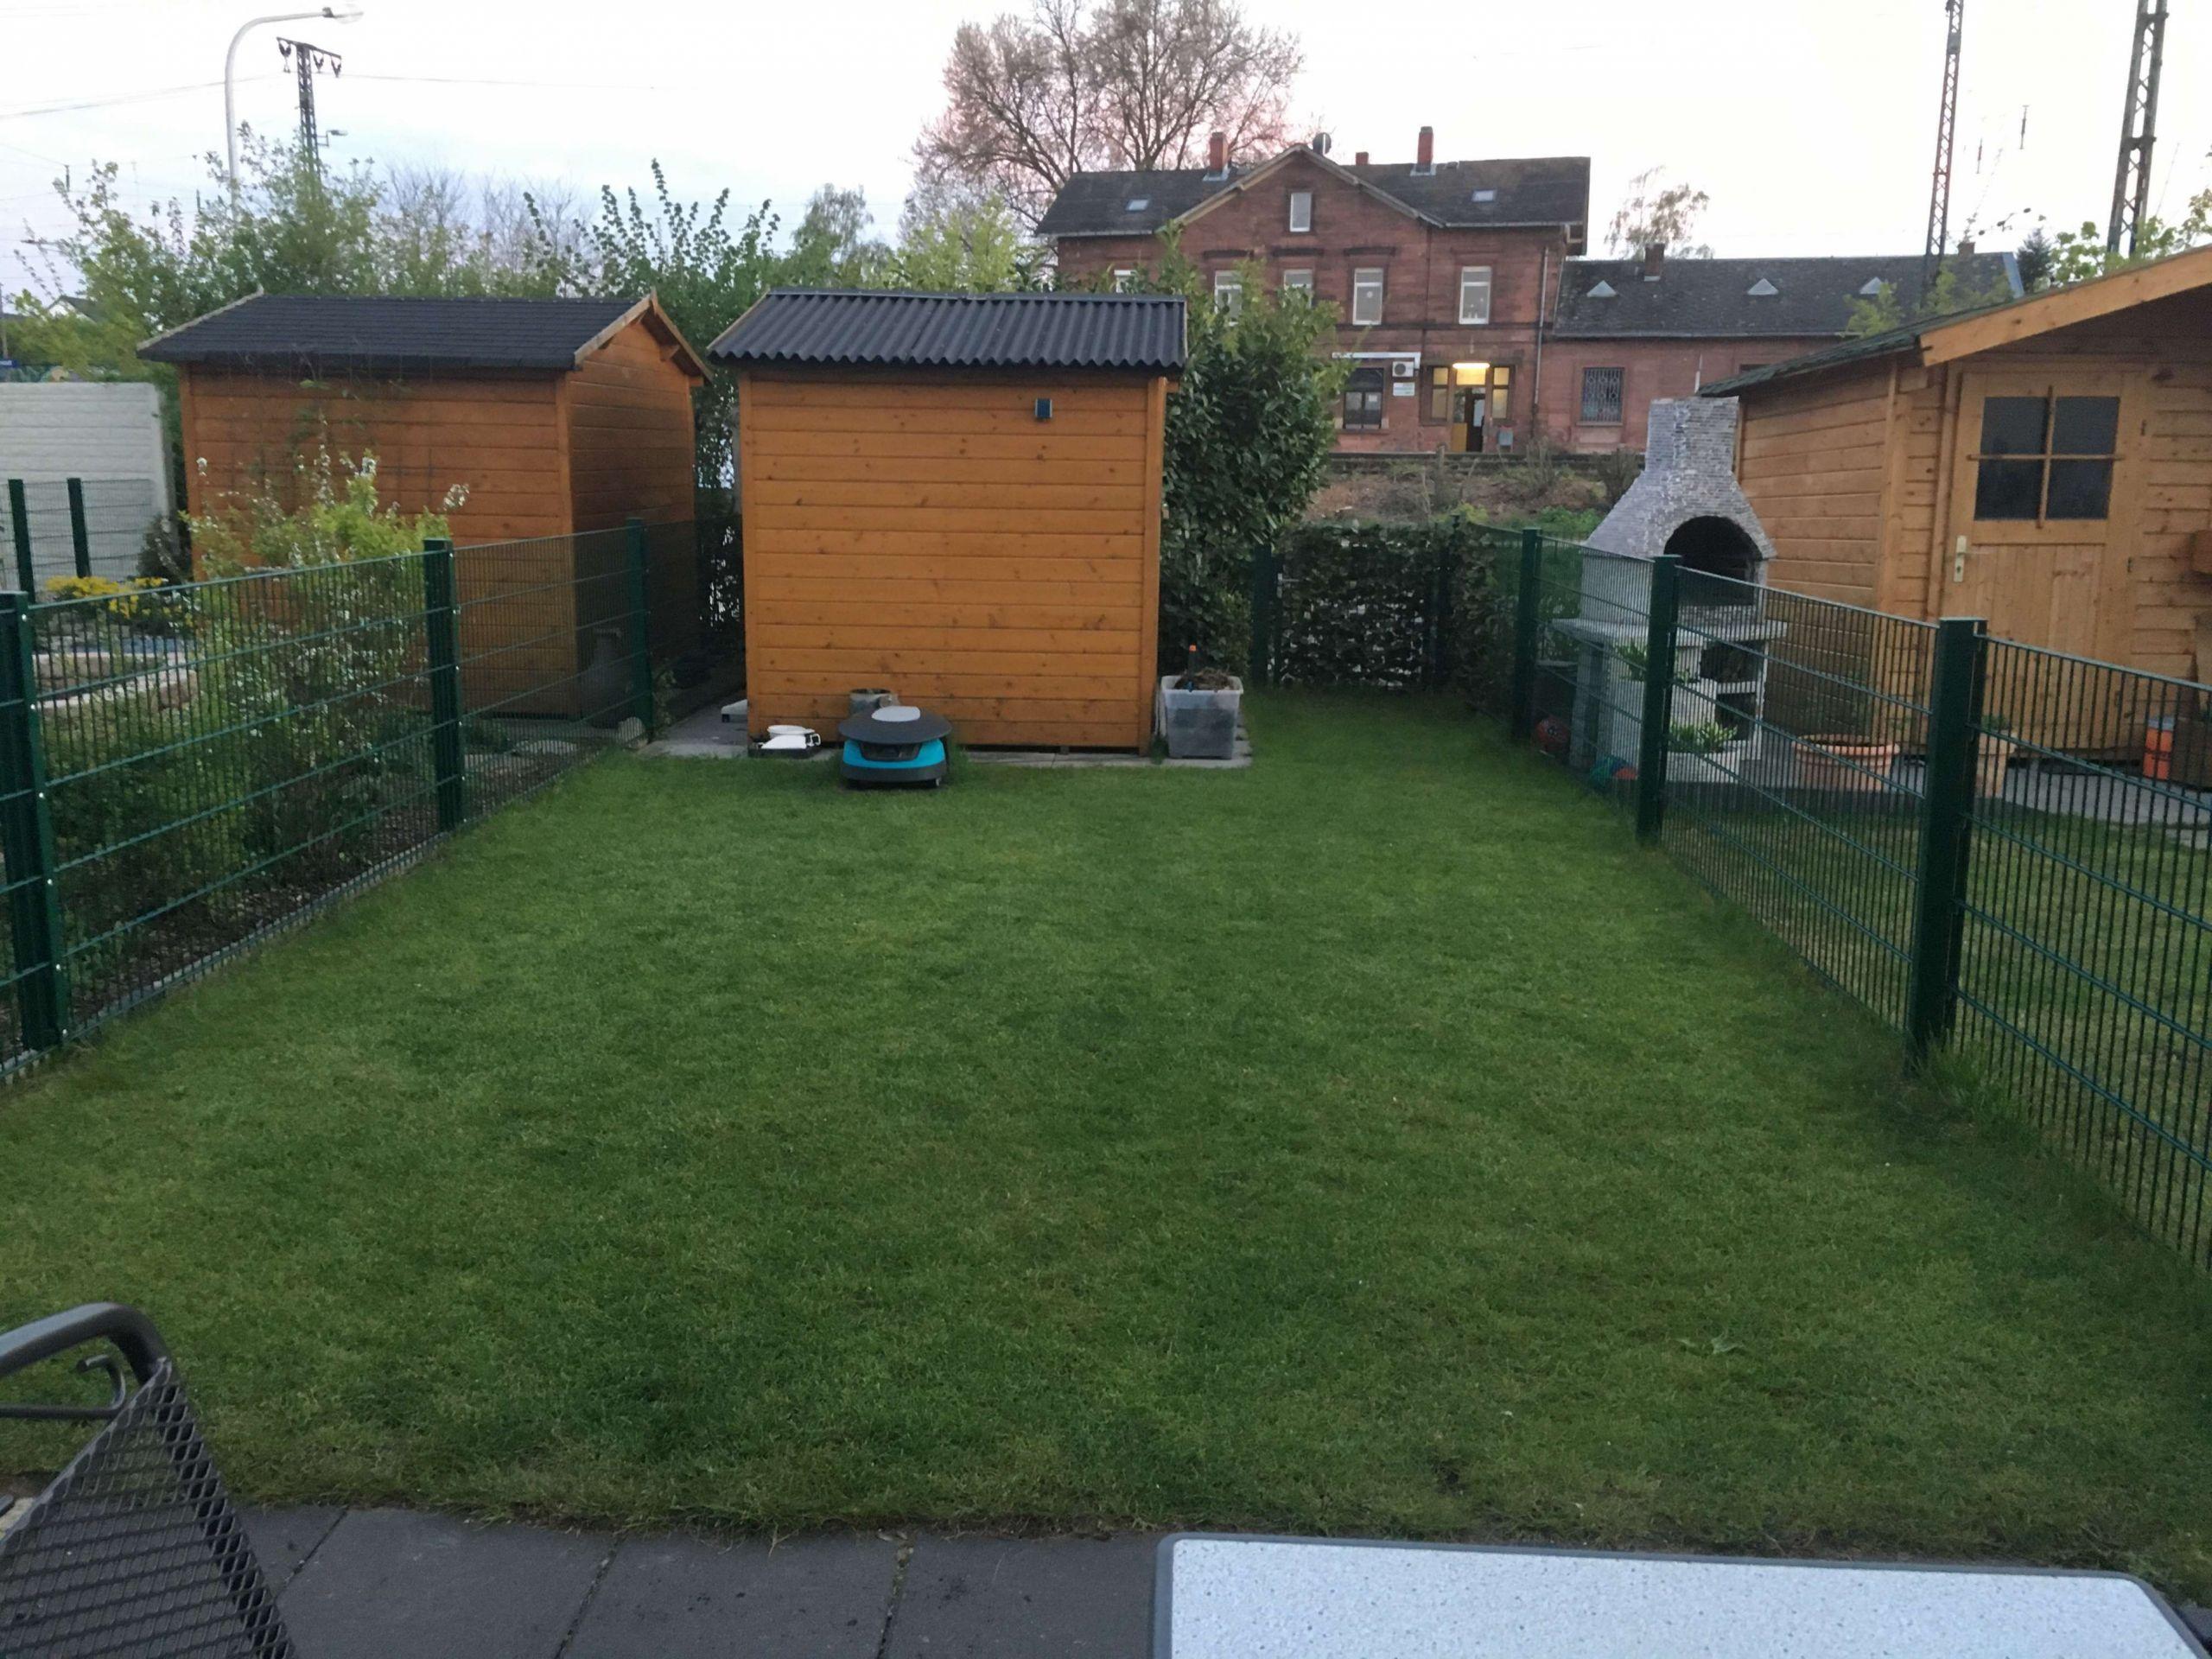 Deko Ideen Für Hauseingang Inspirierend Kleine Gärten Gestalten Reihenhaus — Temobardz Home Blog